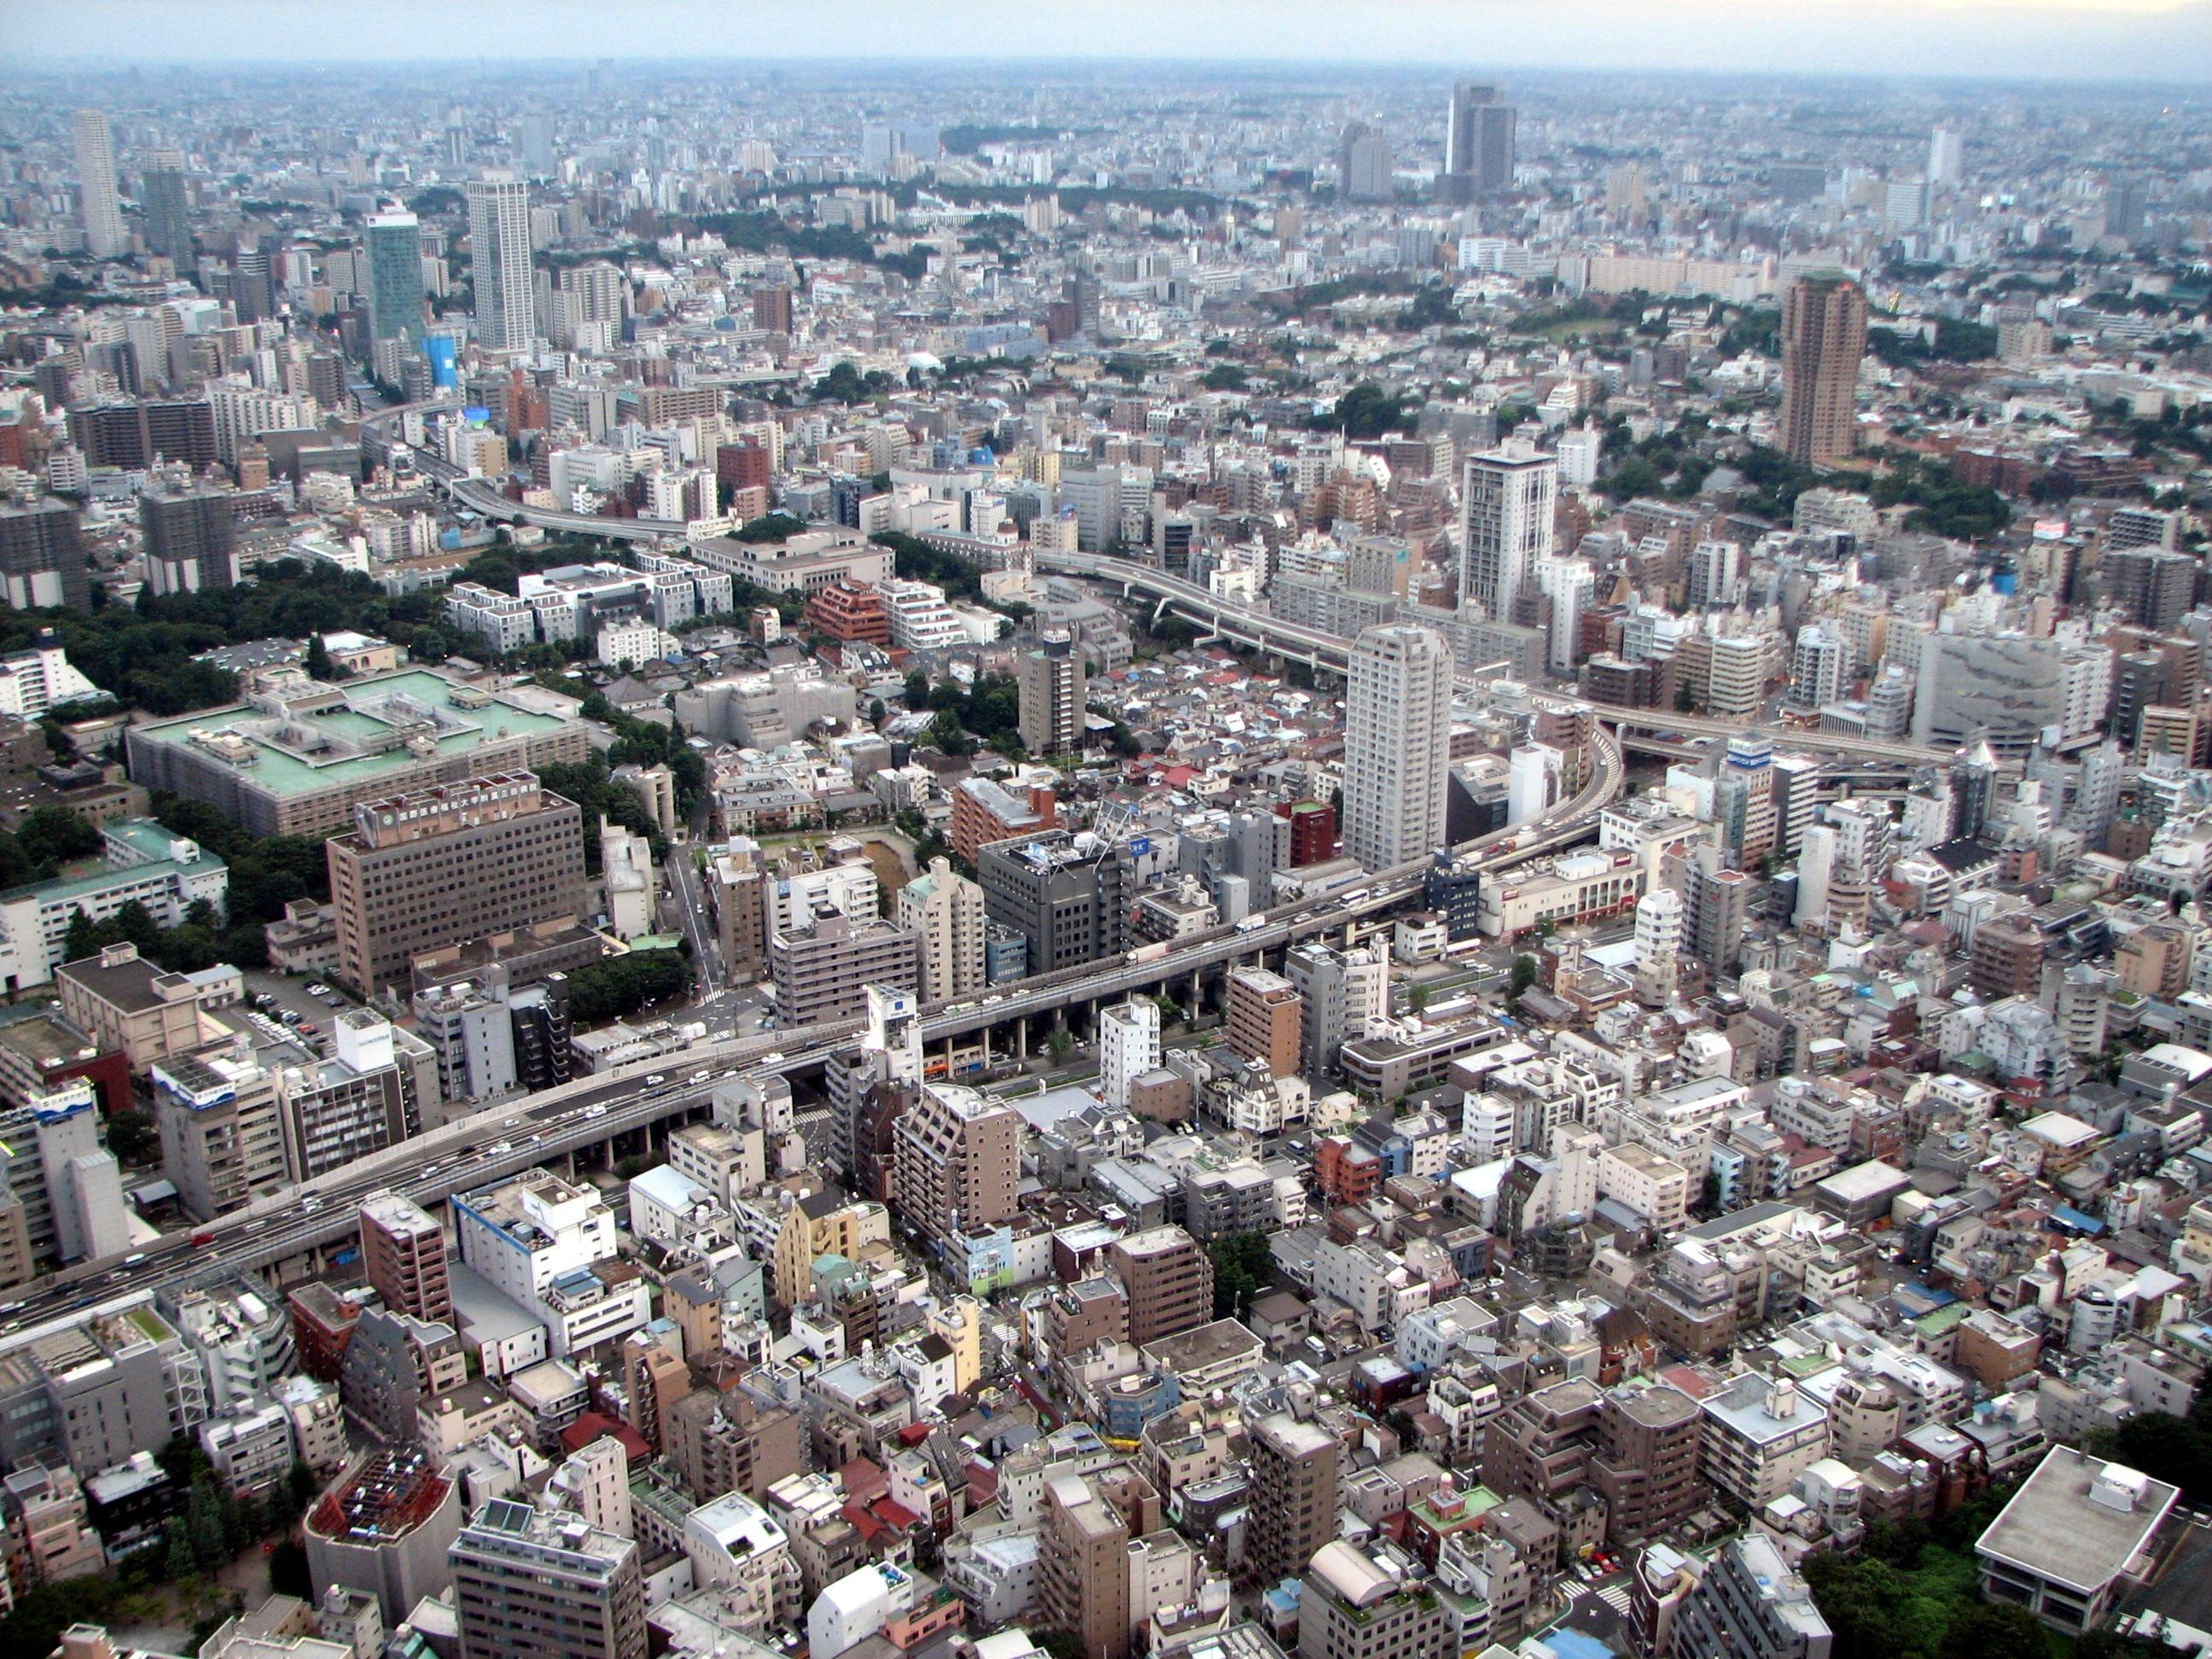 File Urban sprawl as s...